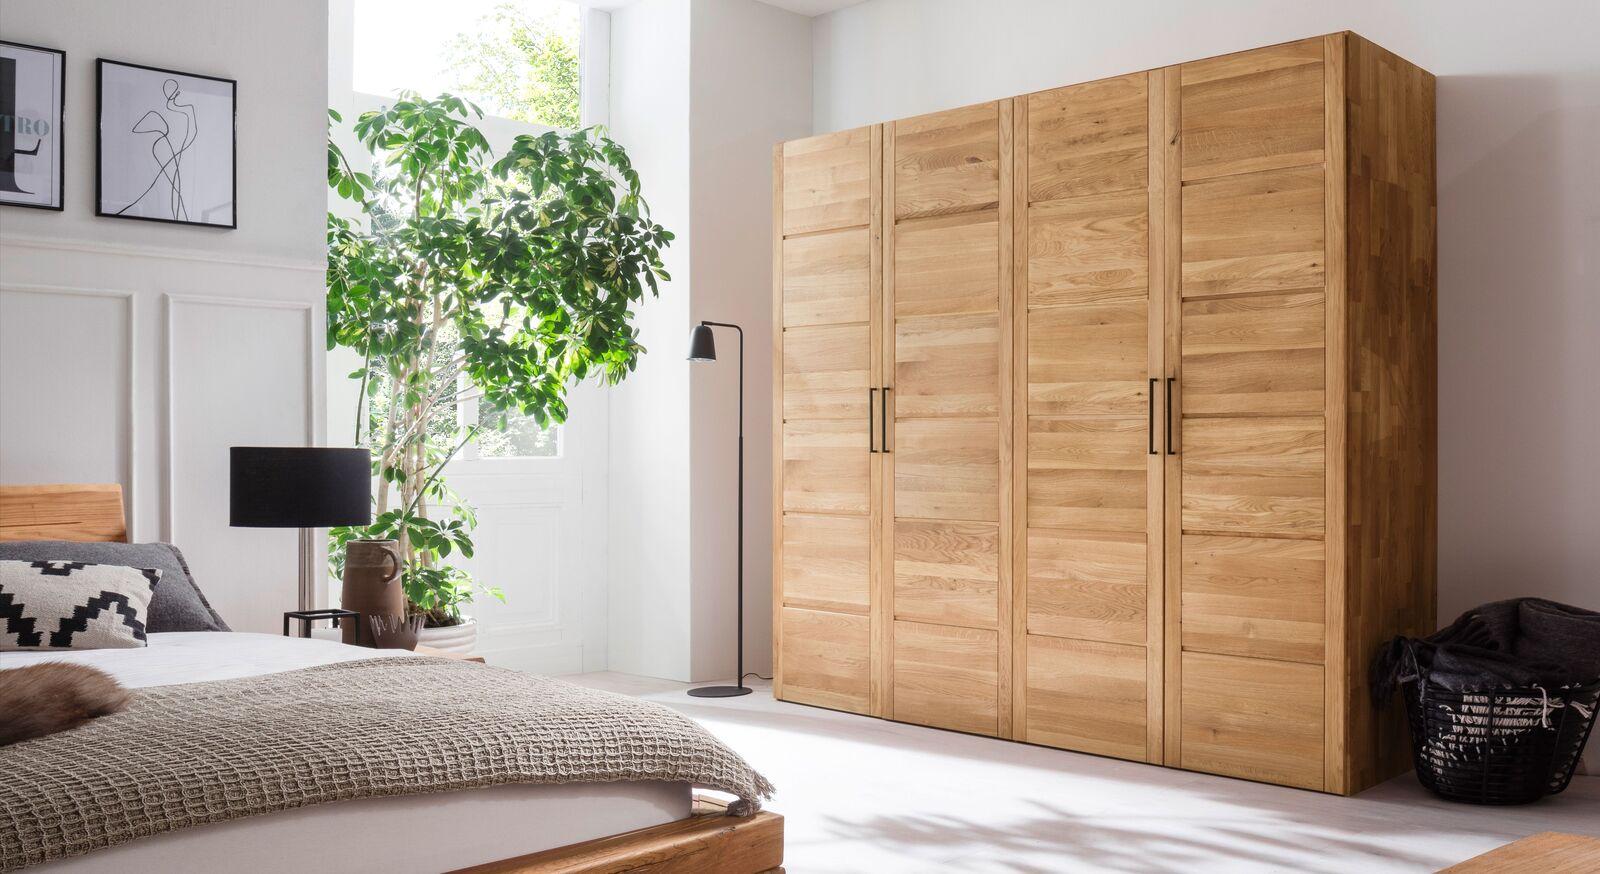 Drehtüren-Kleiderschrank Listra aus massivem Holz